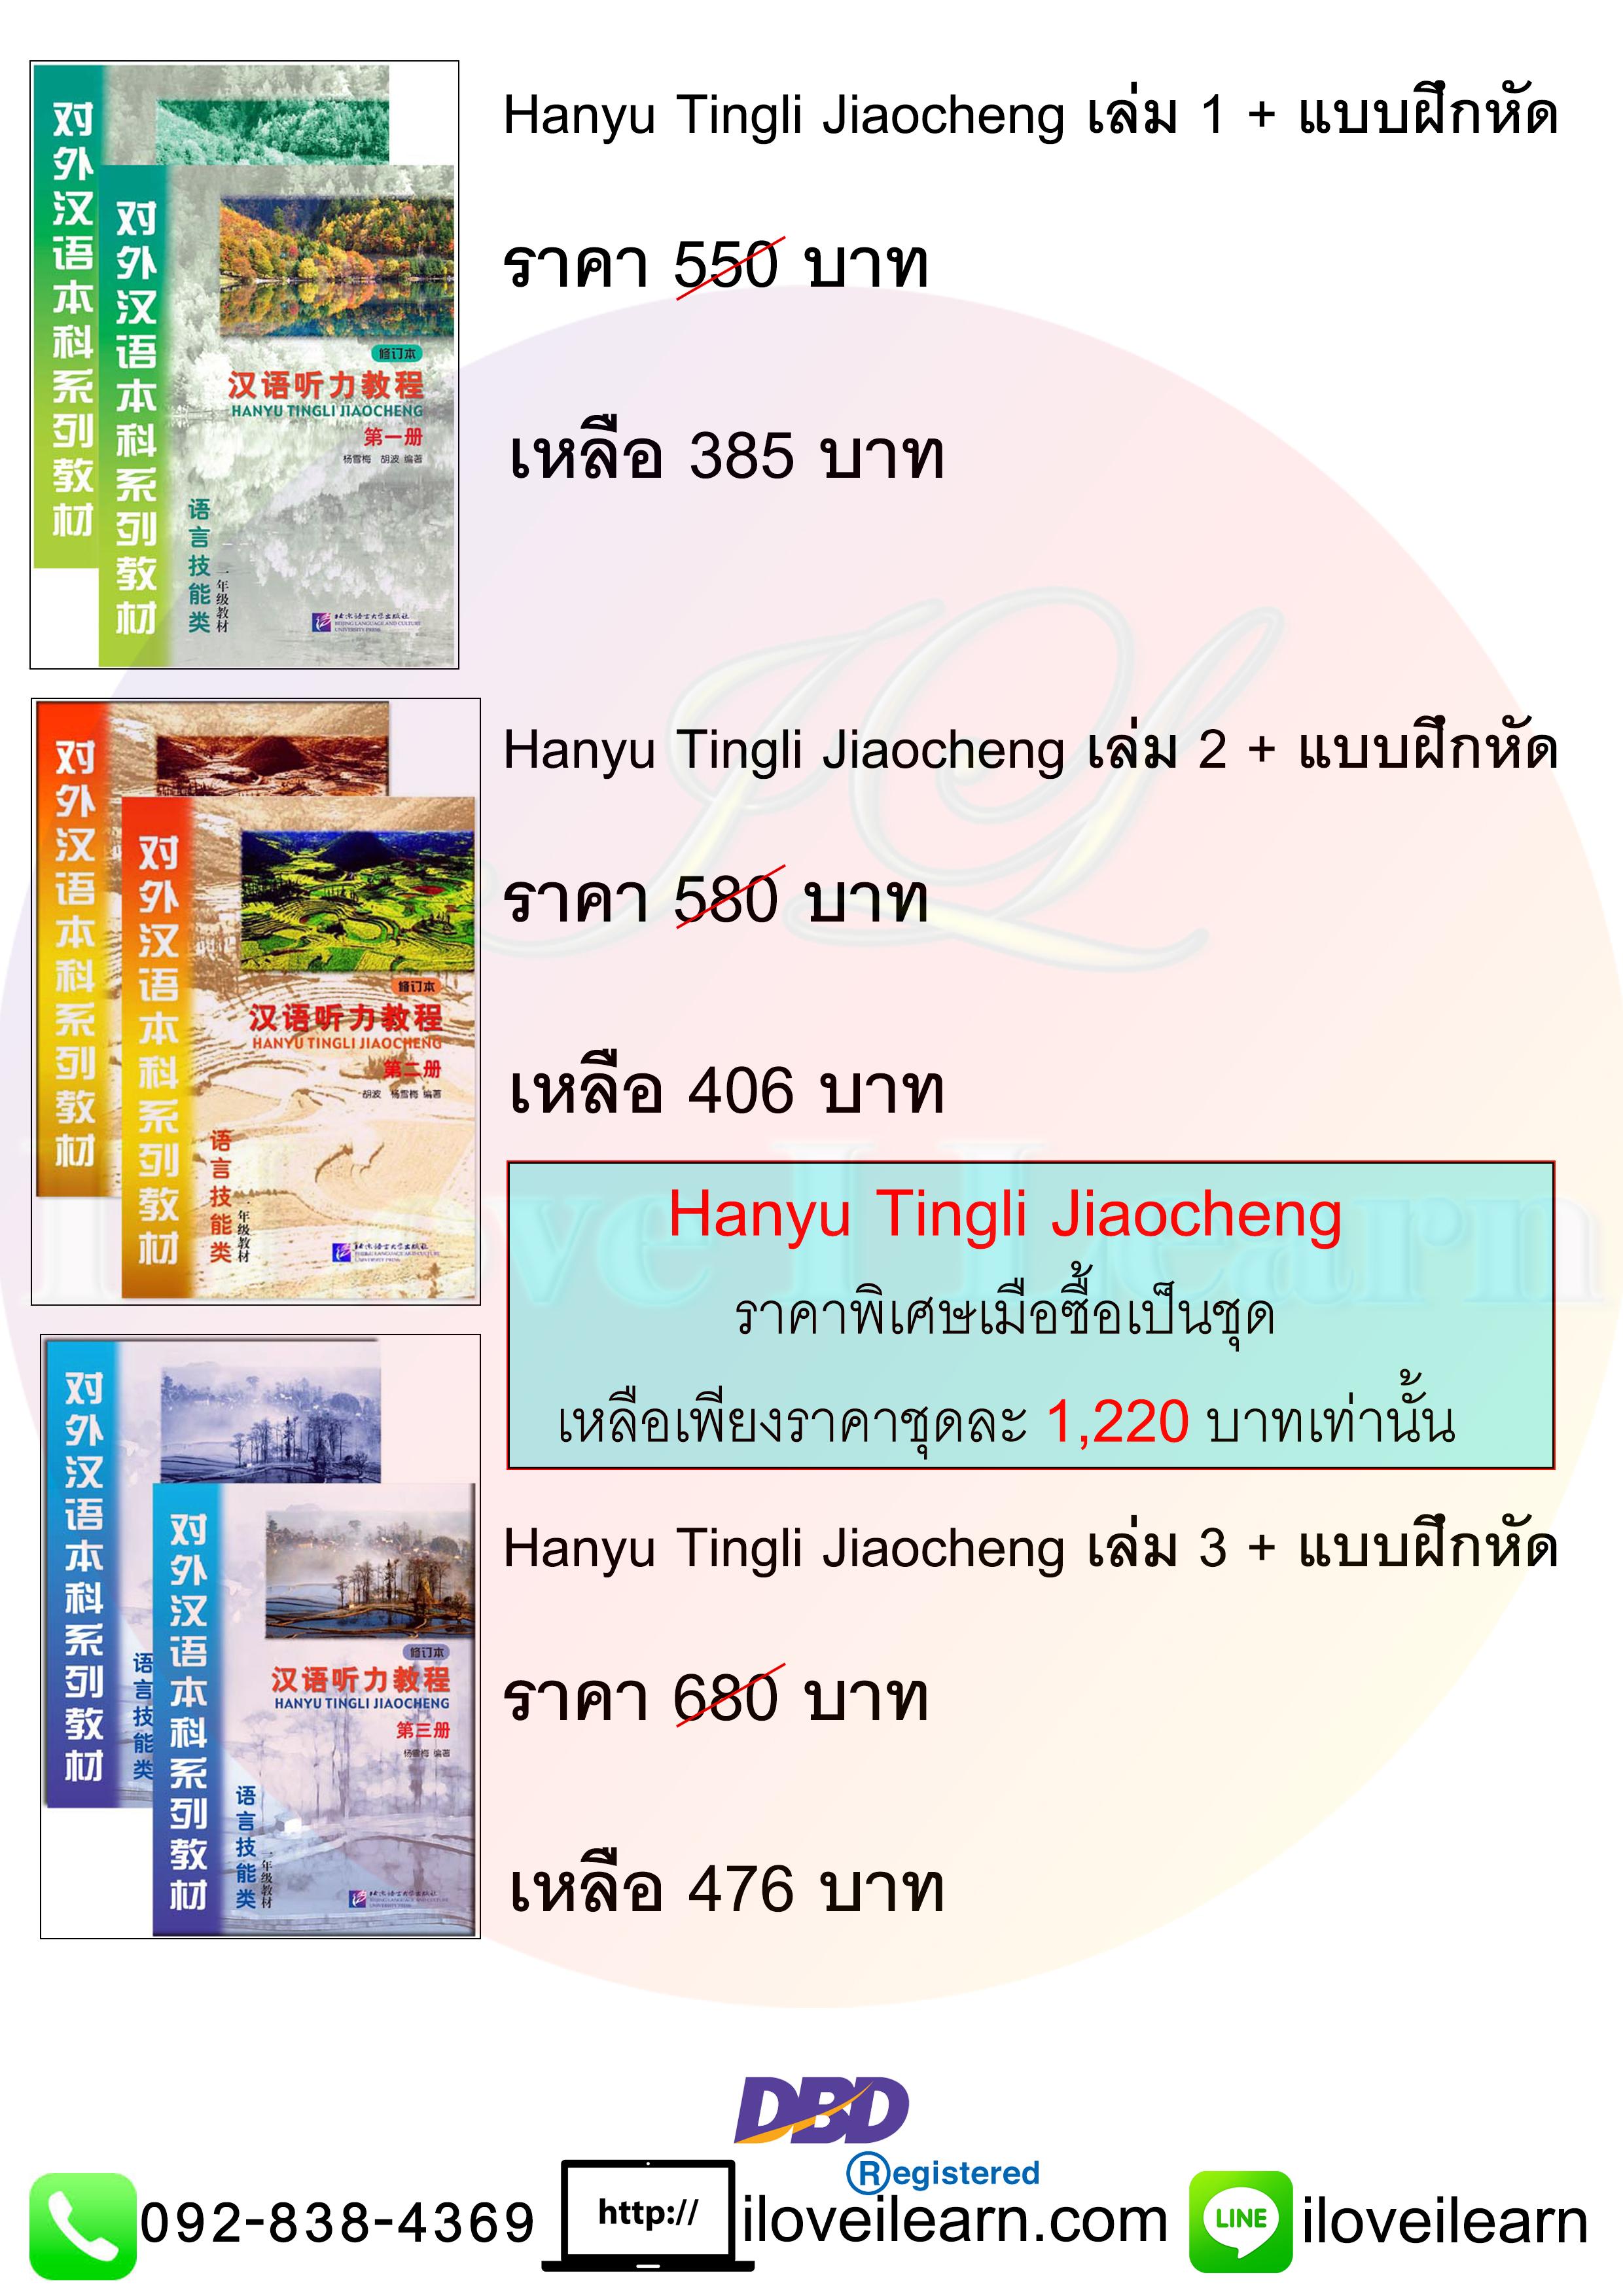 ชุดแบบเรียนภาษาจีน Hanyu Tingli Jiaocheng